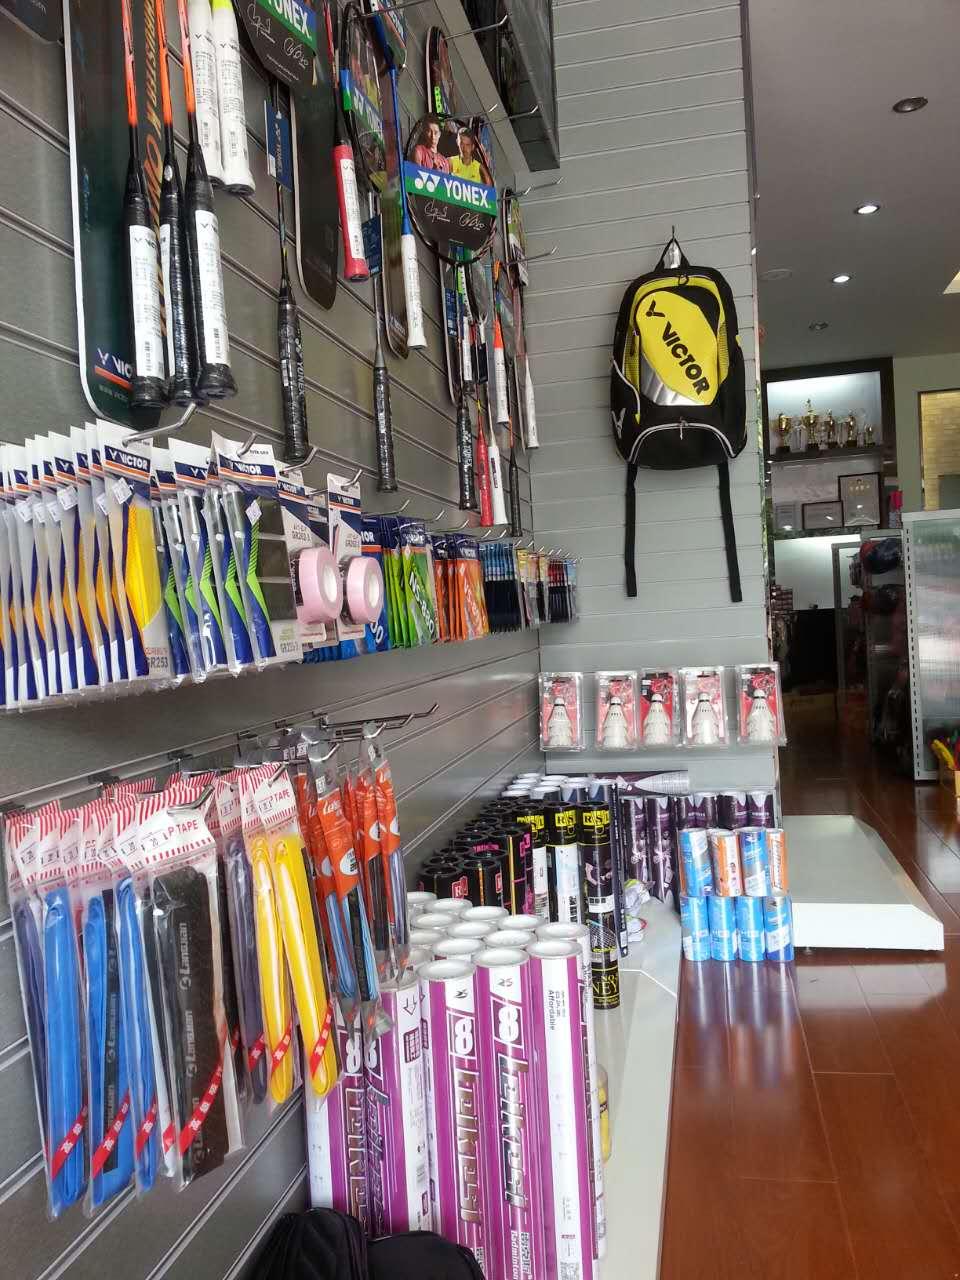 供应专业拉网球线羽毛球拍线尤尼克斯球拍威克多球拍乒乓球拍惠州哪里有卖那个牌子的球拍质量比较好